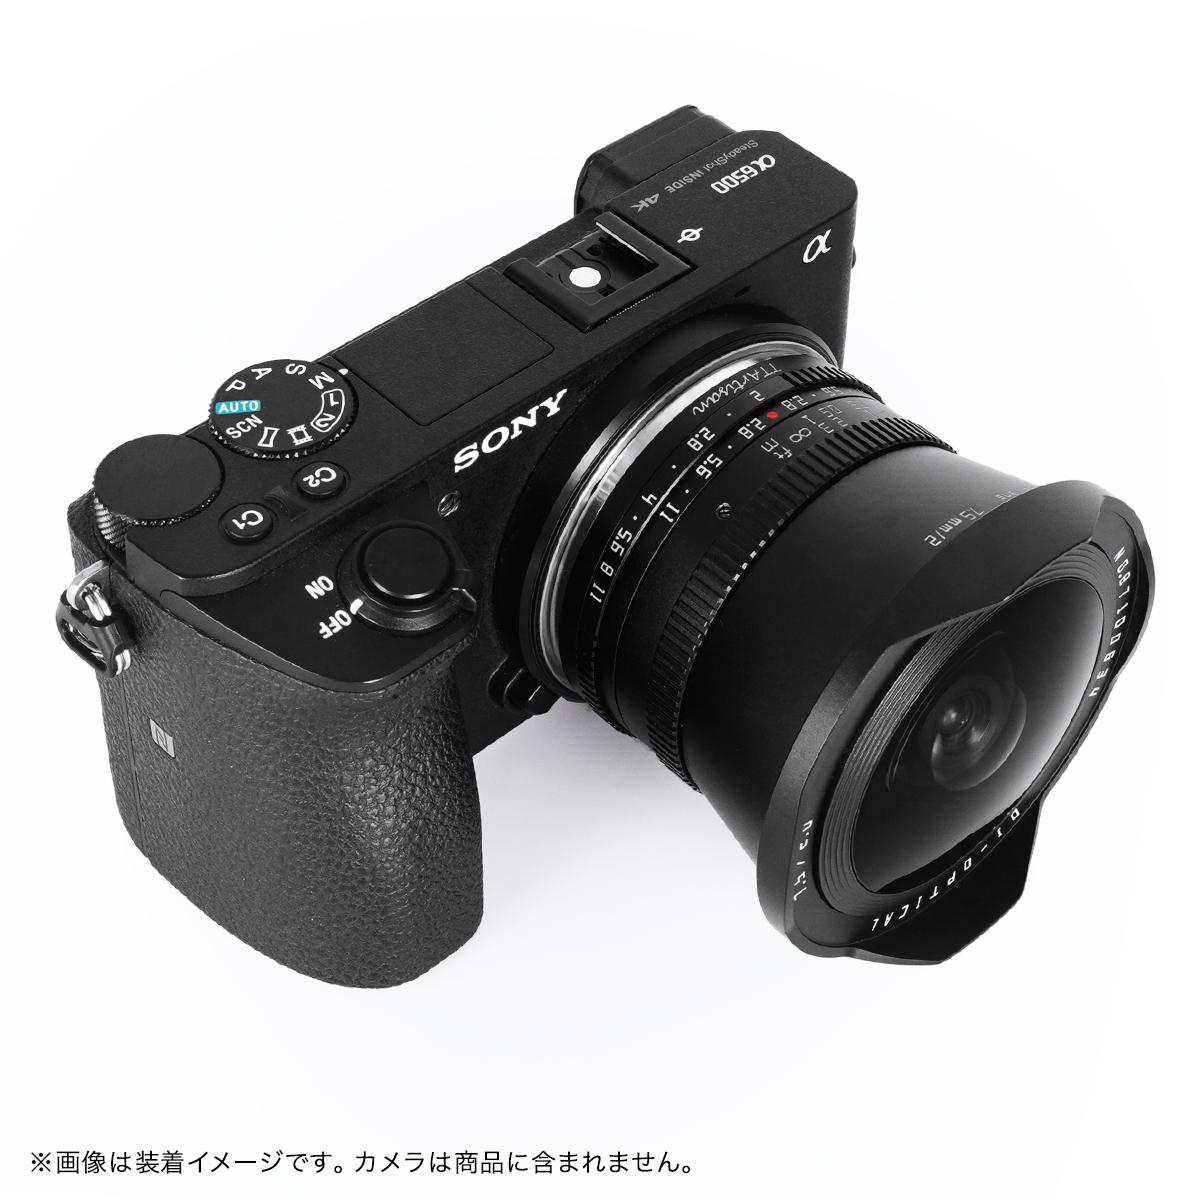 銘匠光学 TTArtisan 7.5mm f/2 C Fisheye 単焦点 魚眼レンズ